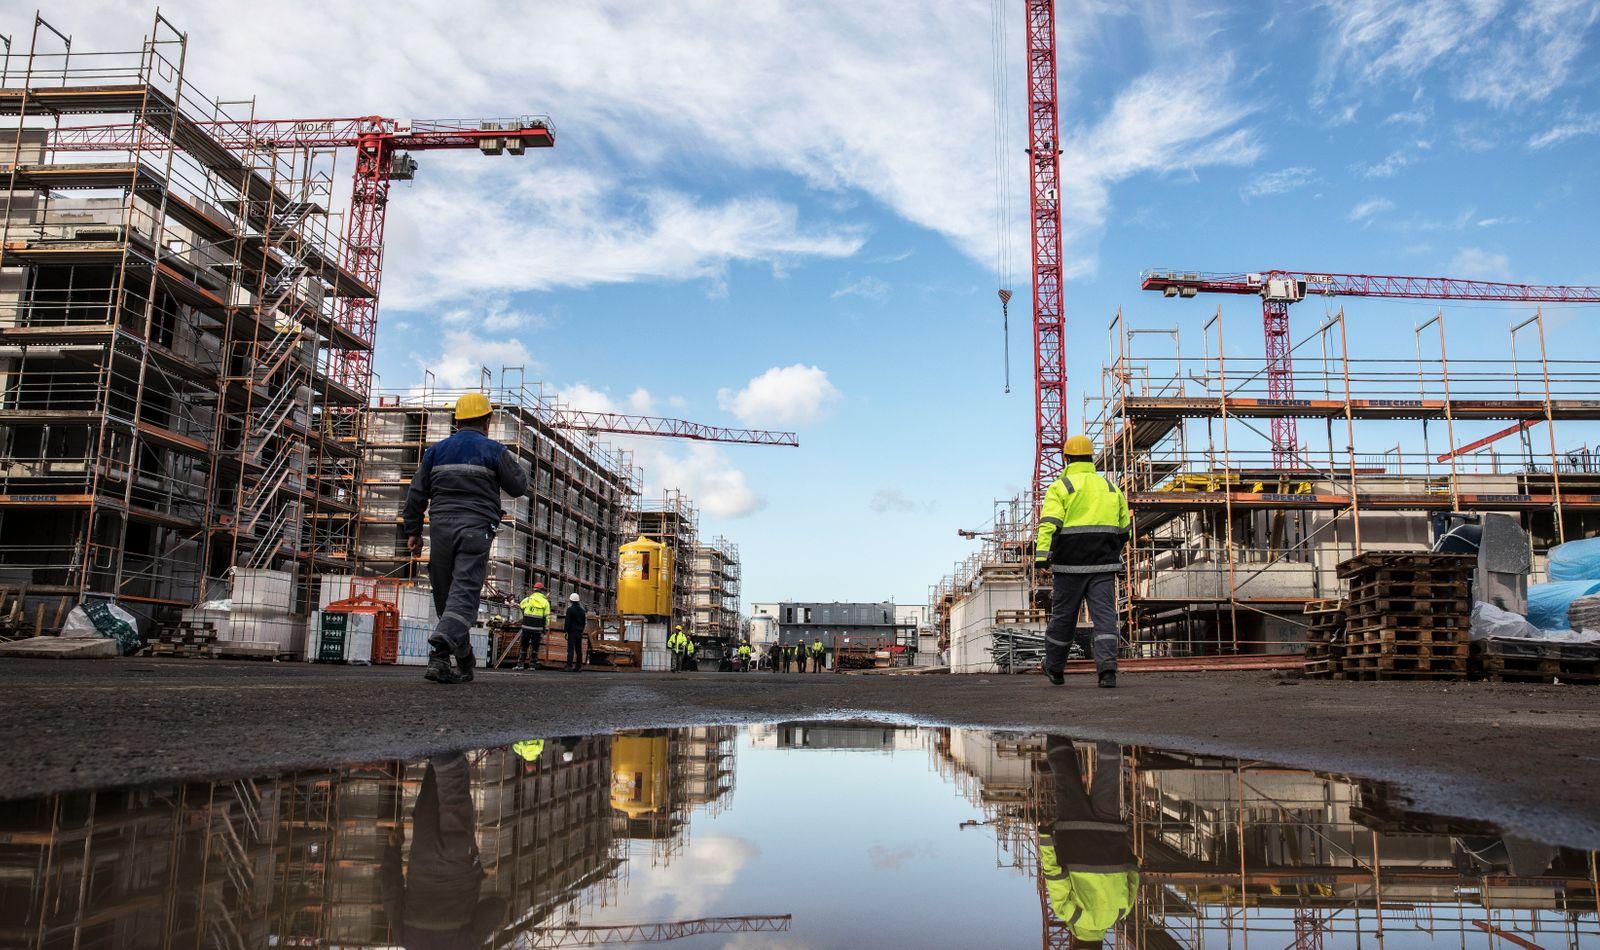 Pressetermin Neubauprojekt An der ÷lm¸hle , Hattersheim, Bild x von 6 Hattersheim, (f¸r LOK), 29.11.2019 Pressetermin Ne